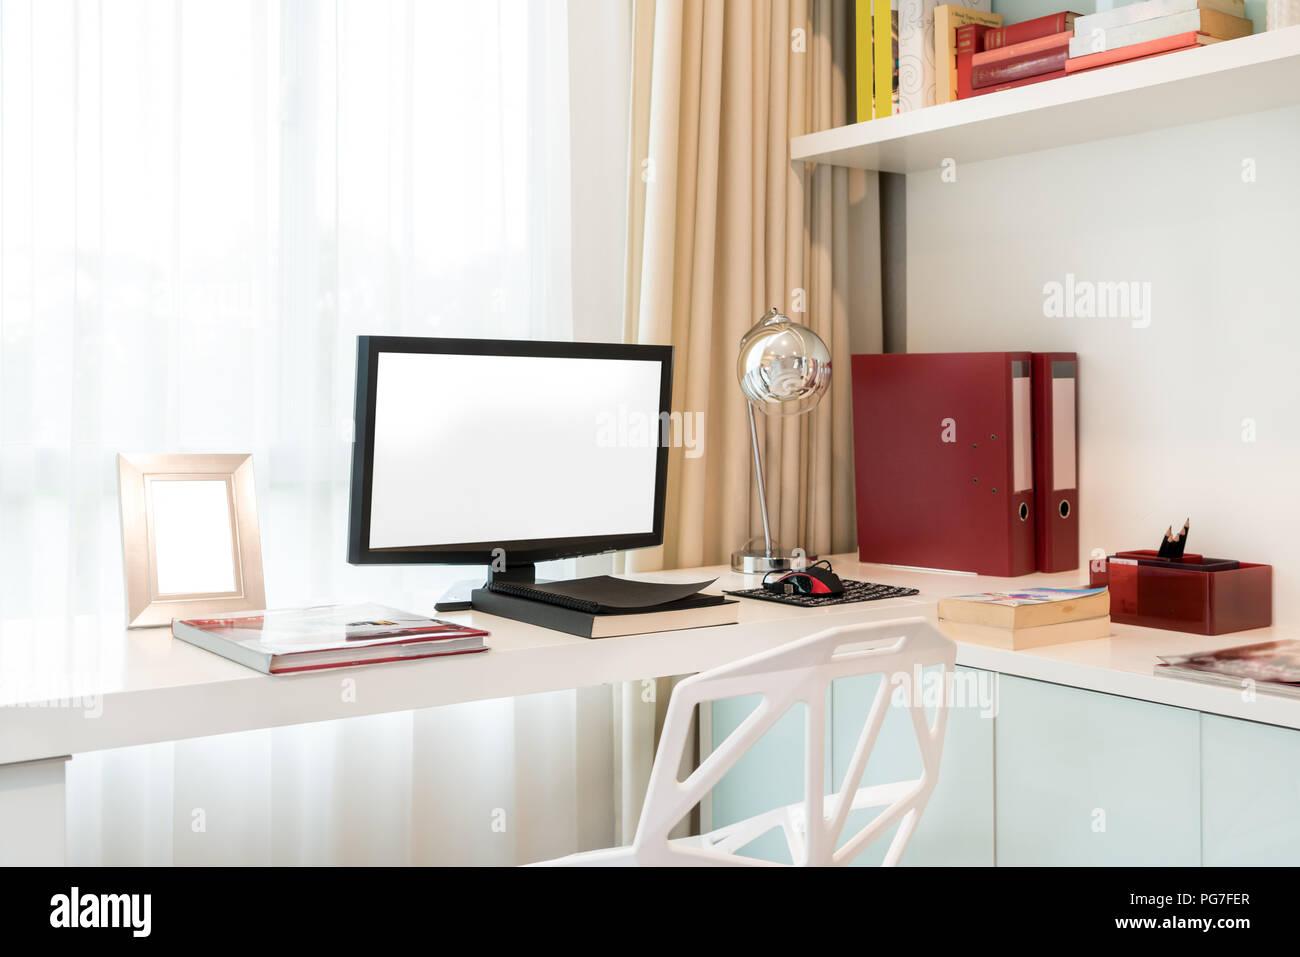 Computer Display Und Office Tools Auf Dem Schreibtisch Zu Hause Desktop Computer Isoliert Moderne Kreativen Arbeitsplatz Hintergrund Arbeitsbereich Zu Hause Stockfotografie Alamy